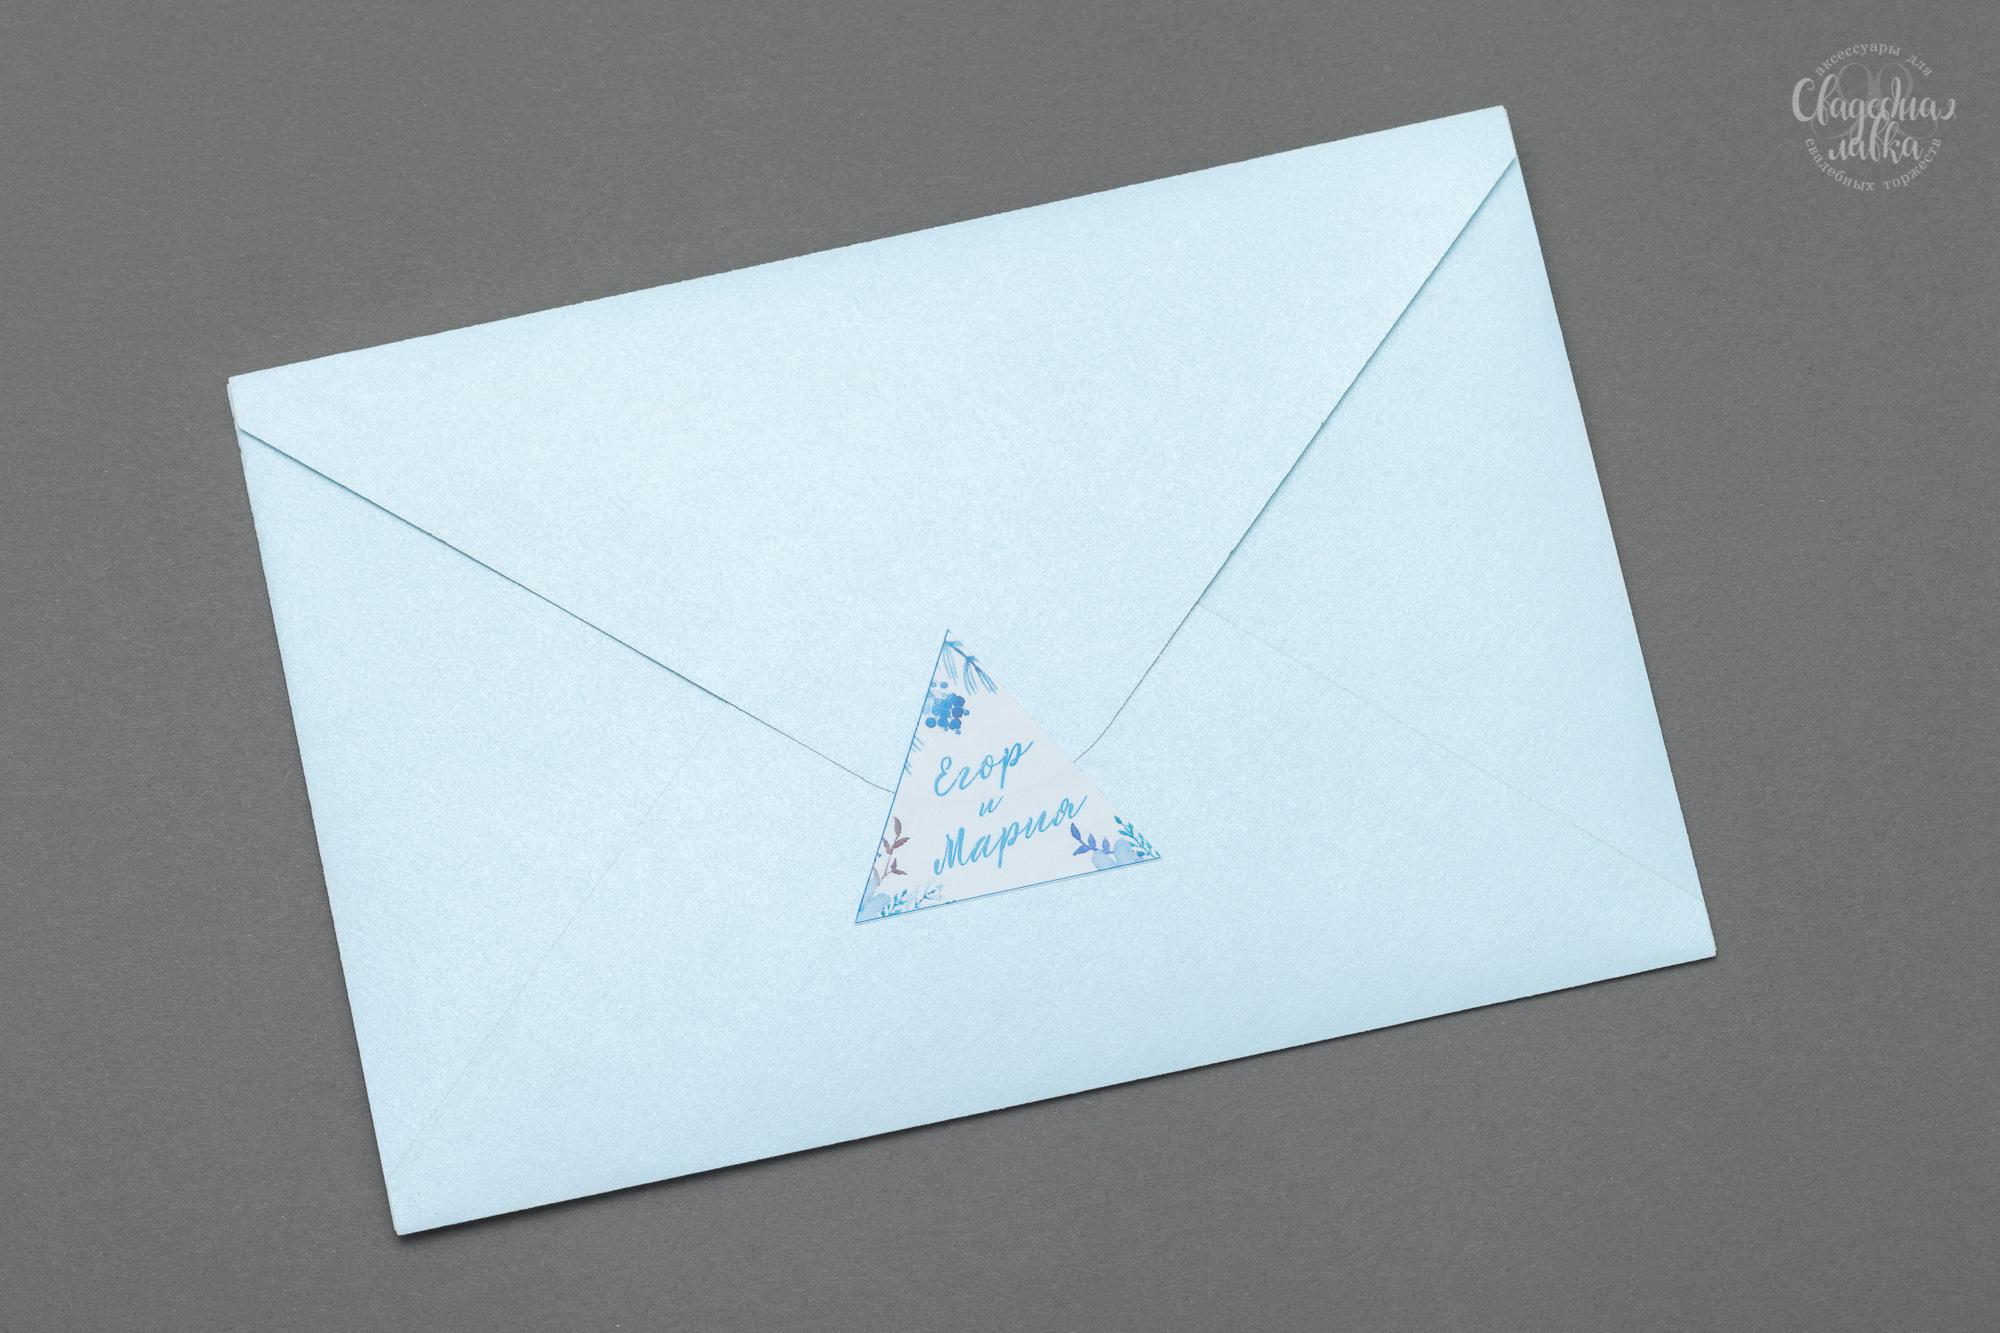 Наклейки для конвертов и бонбоньерок